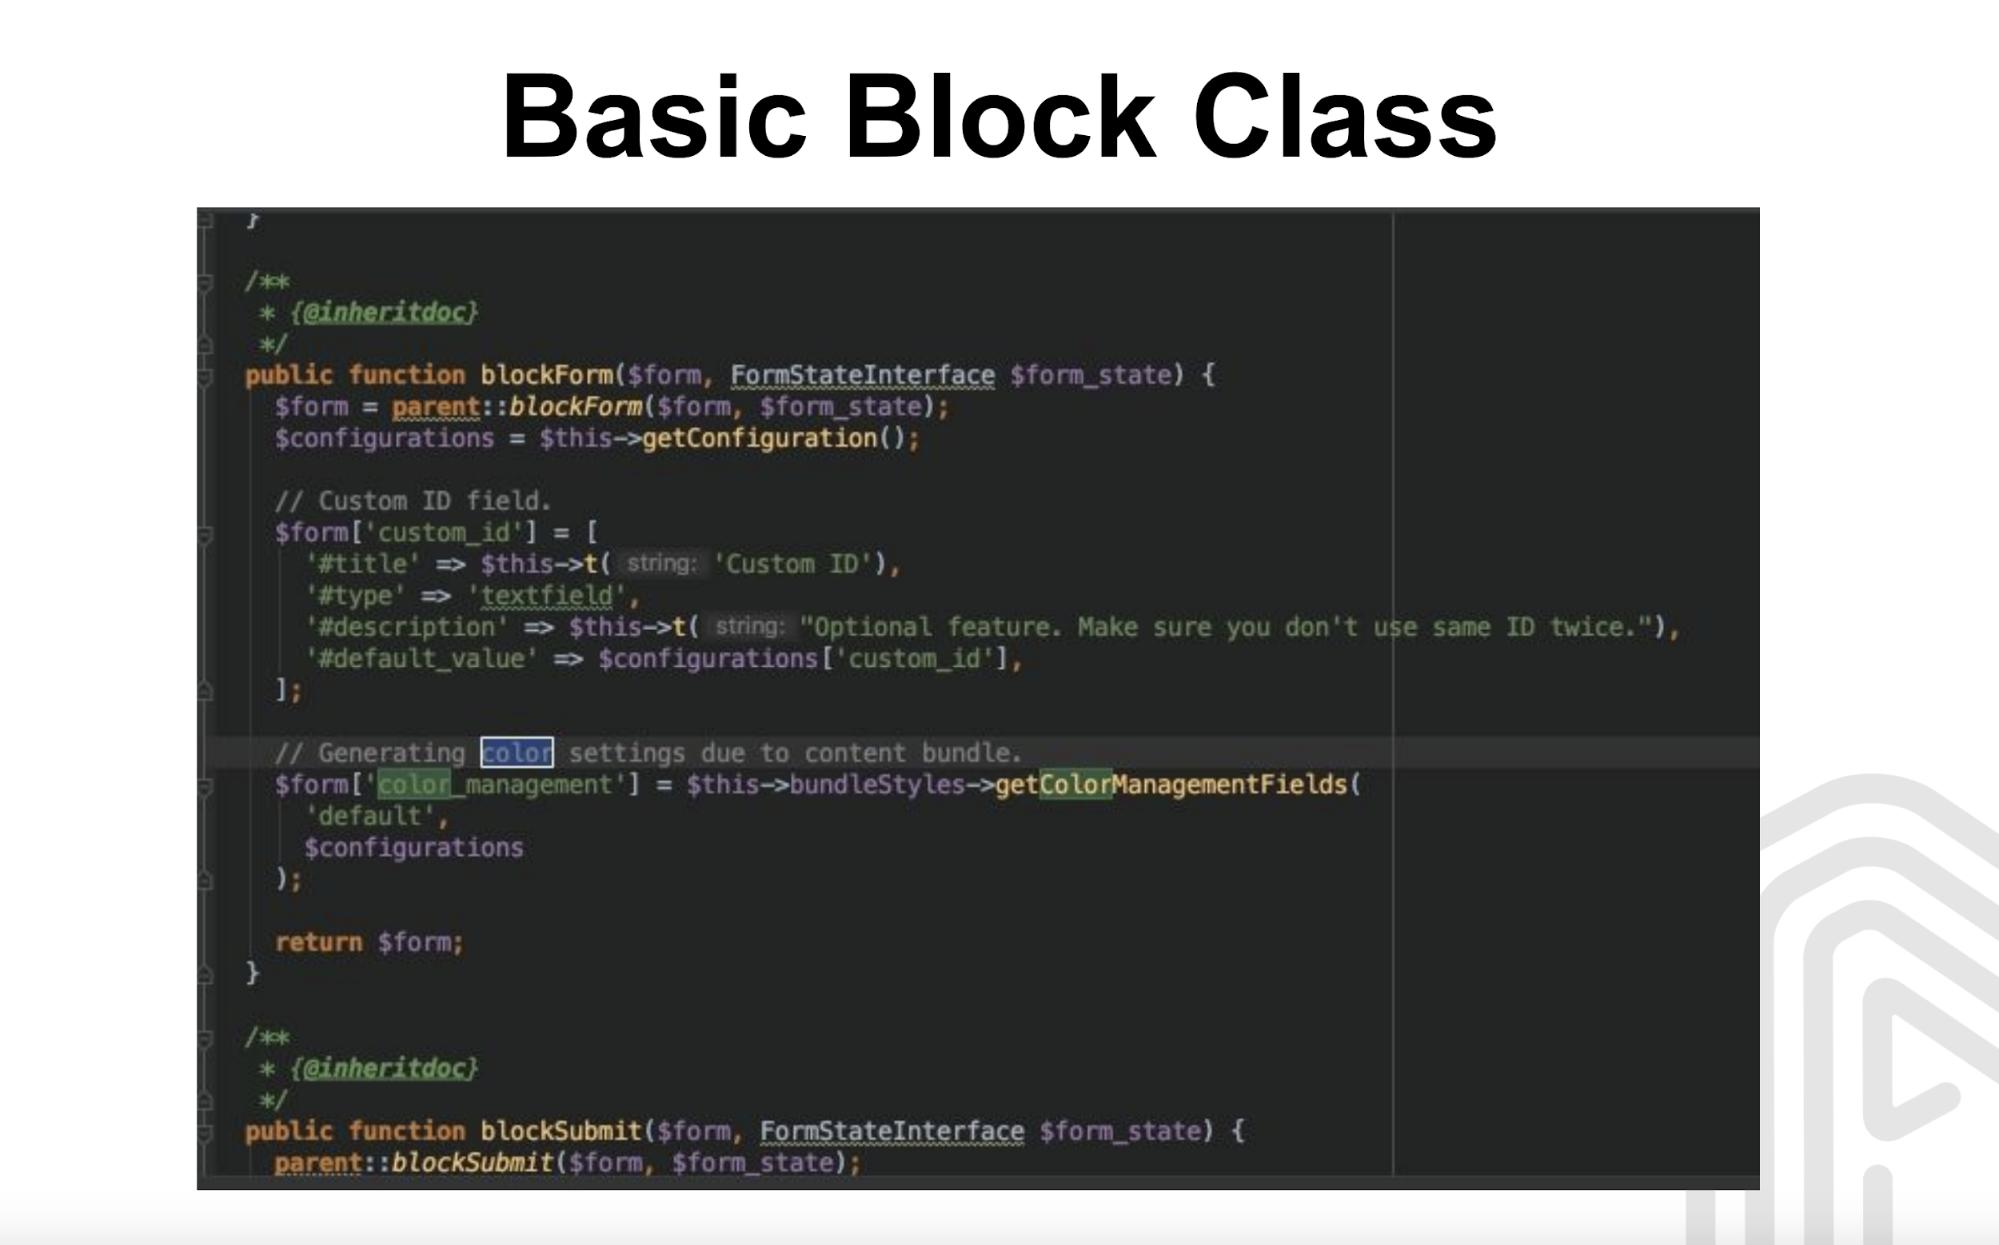 Basic Block Class